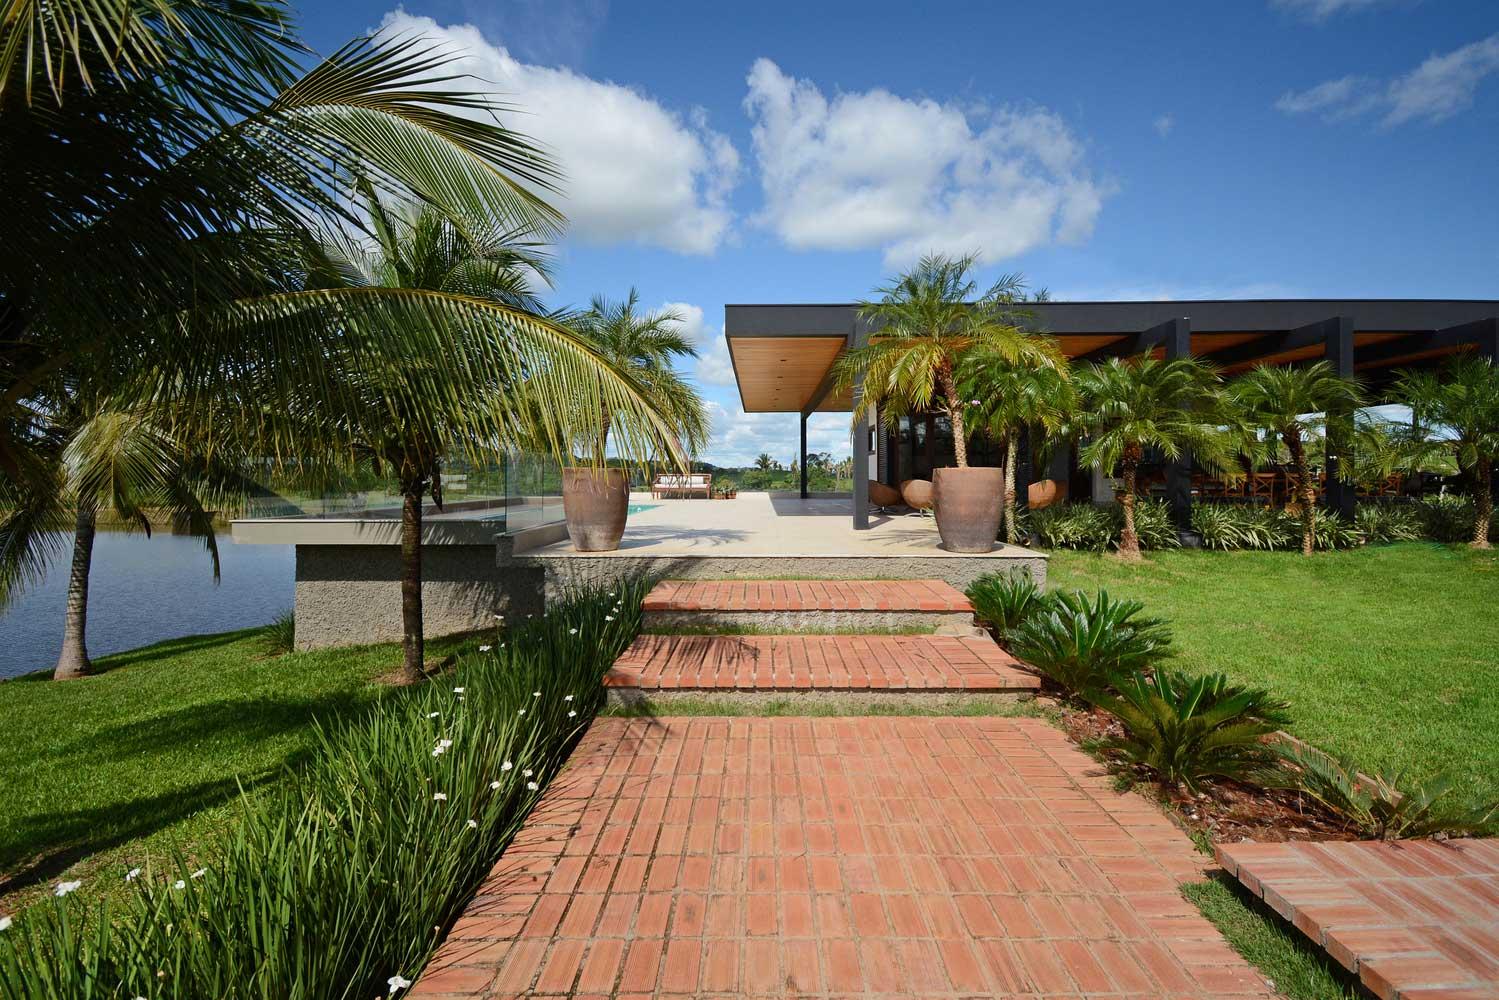 озеленение двора частного дома